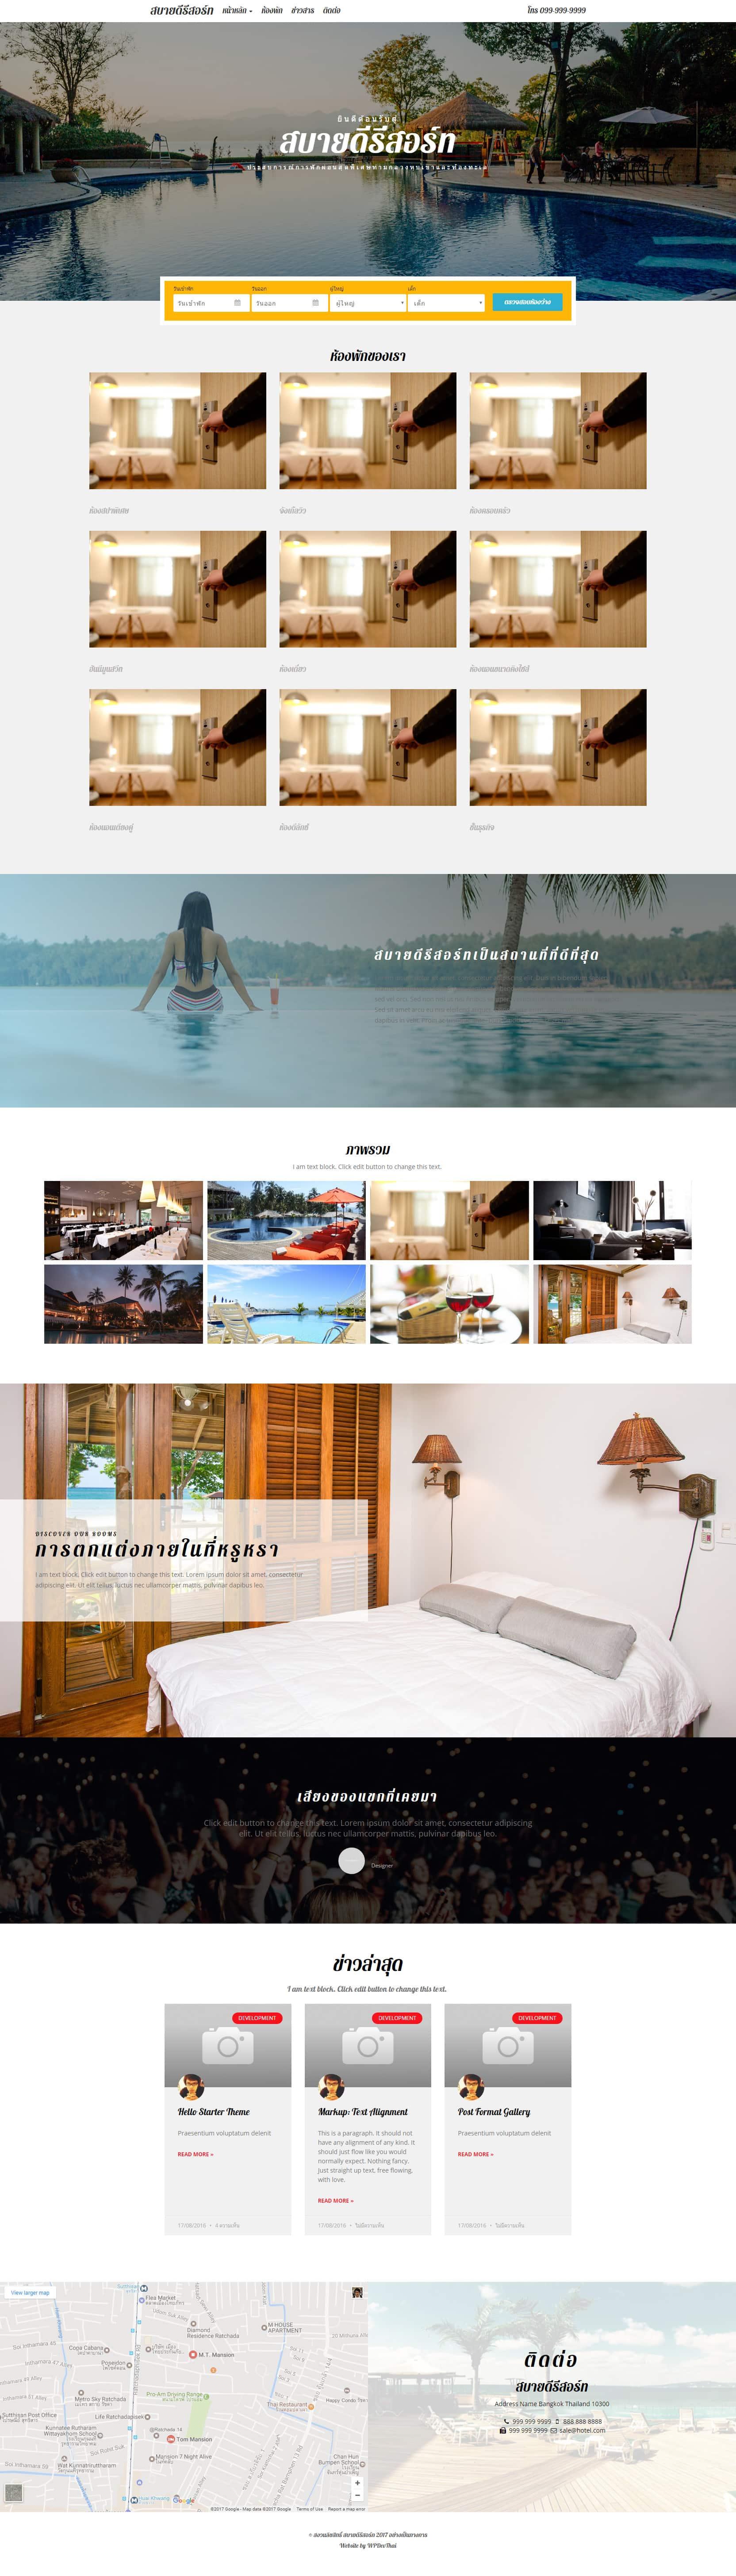 hotel wpdevthai hotel 02